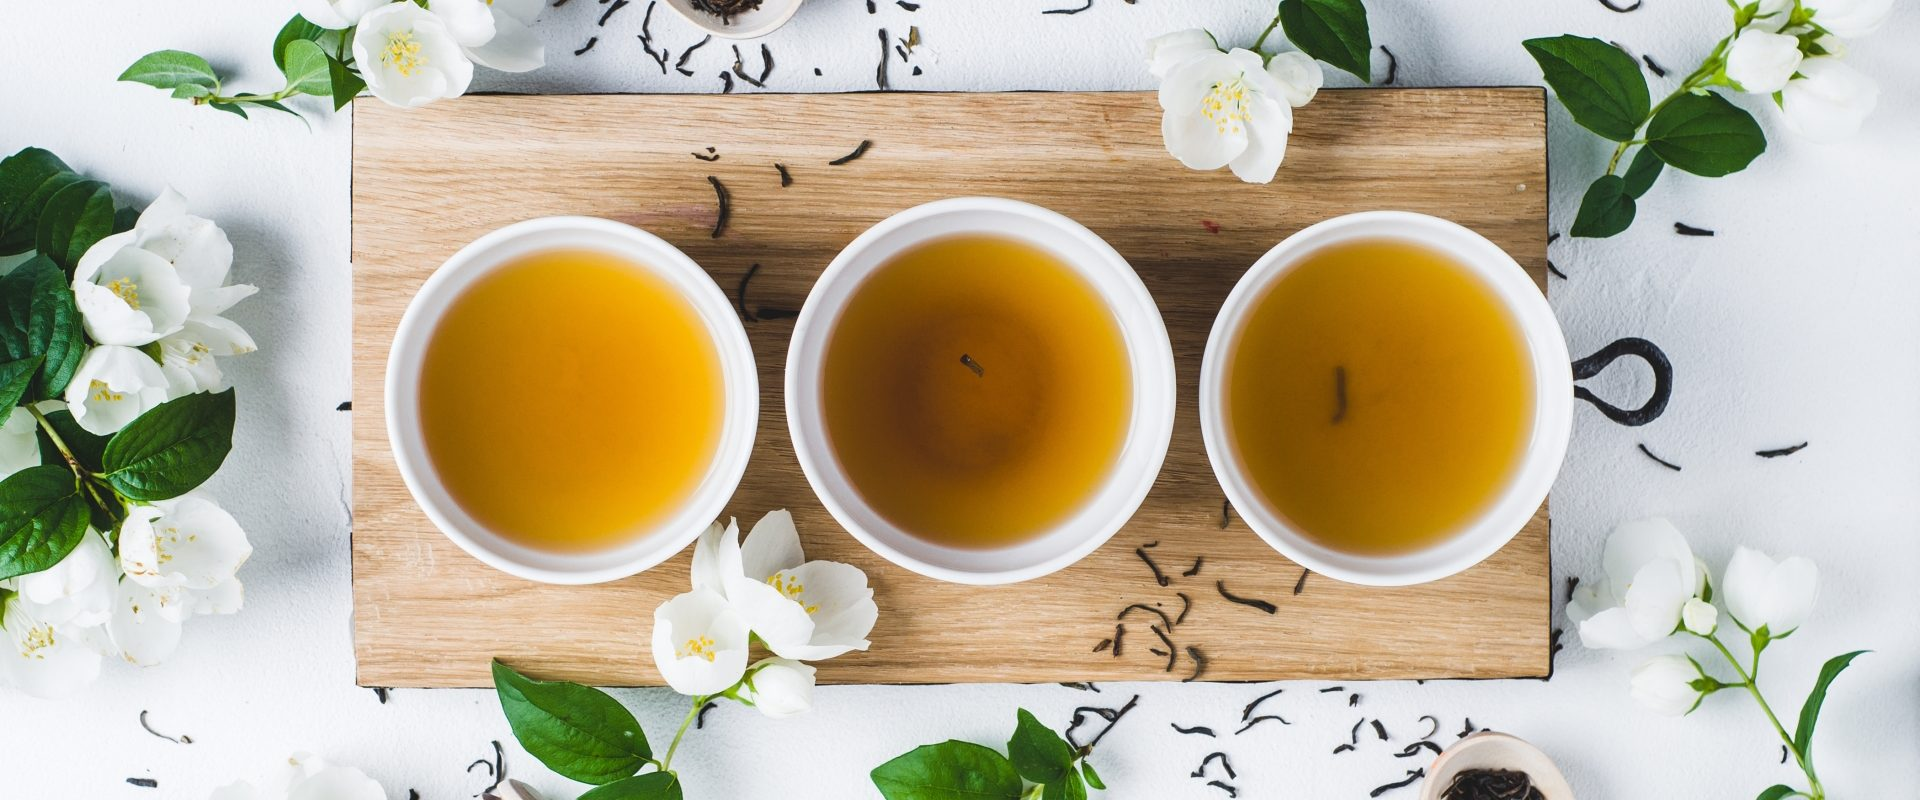 Zielona herbata - jakie domowe kosmetyki DIY można zrobić z zielonej herbaty? Zielona herbata w 3 filiżankach na drewnianej desce, wokół leżą listki herbaty i jaśmin.